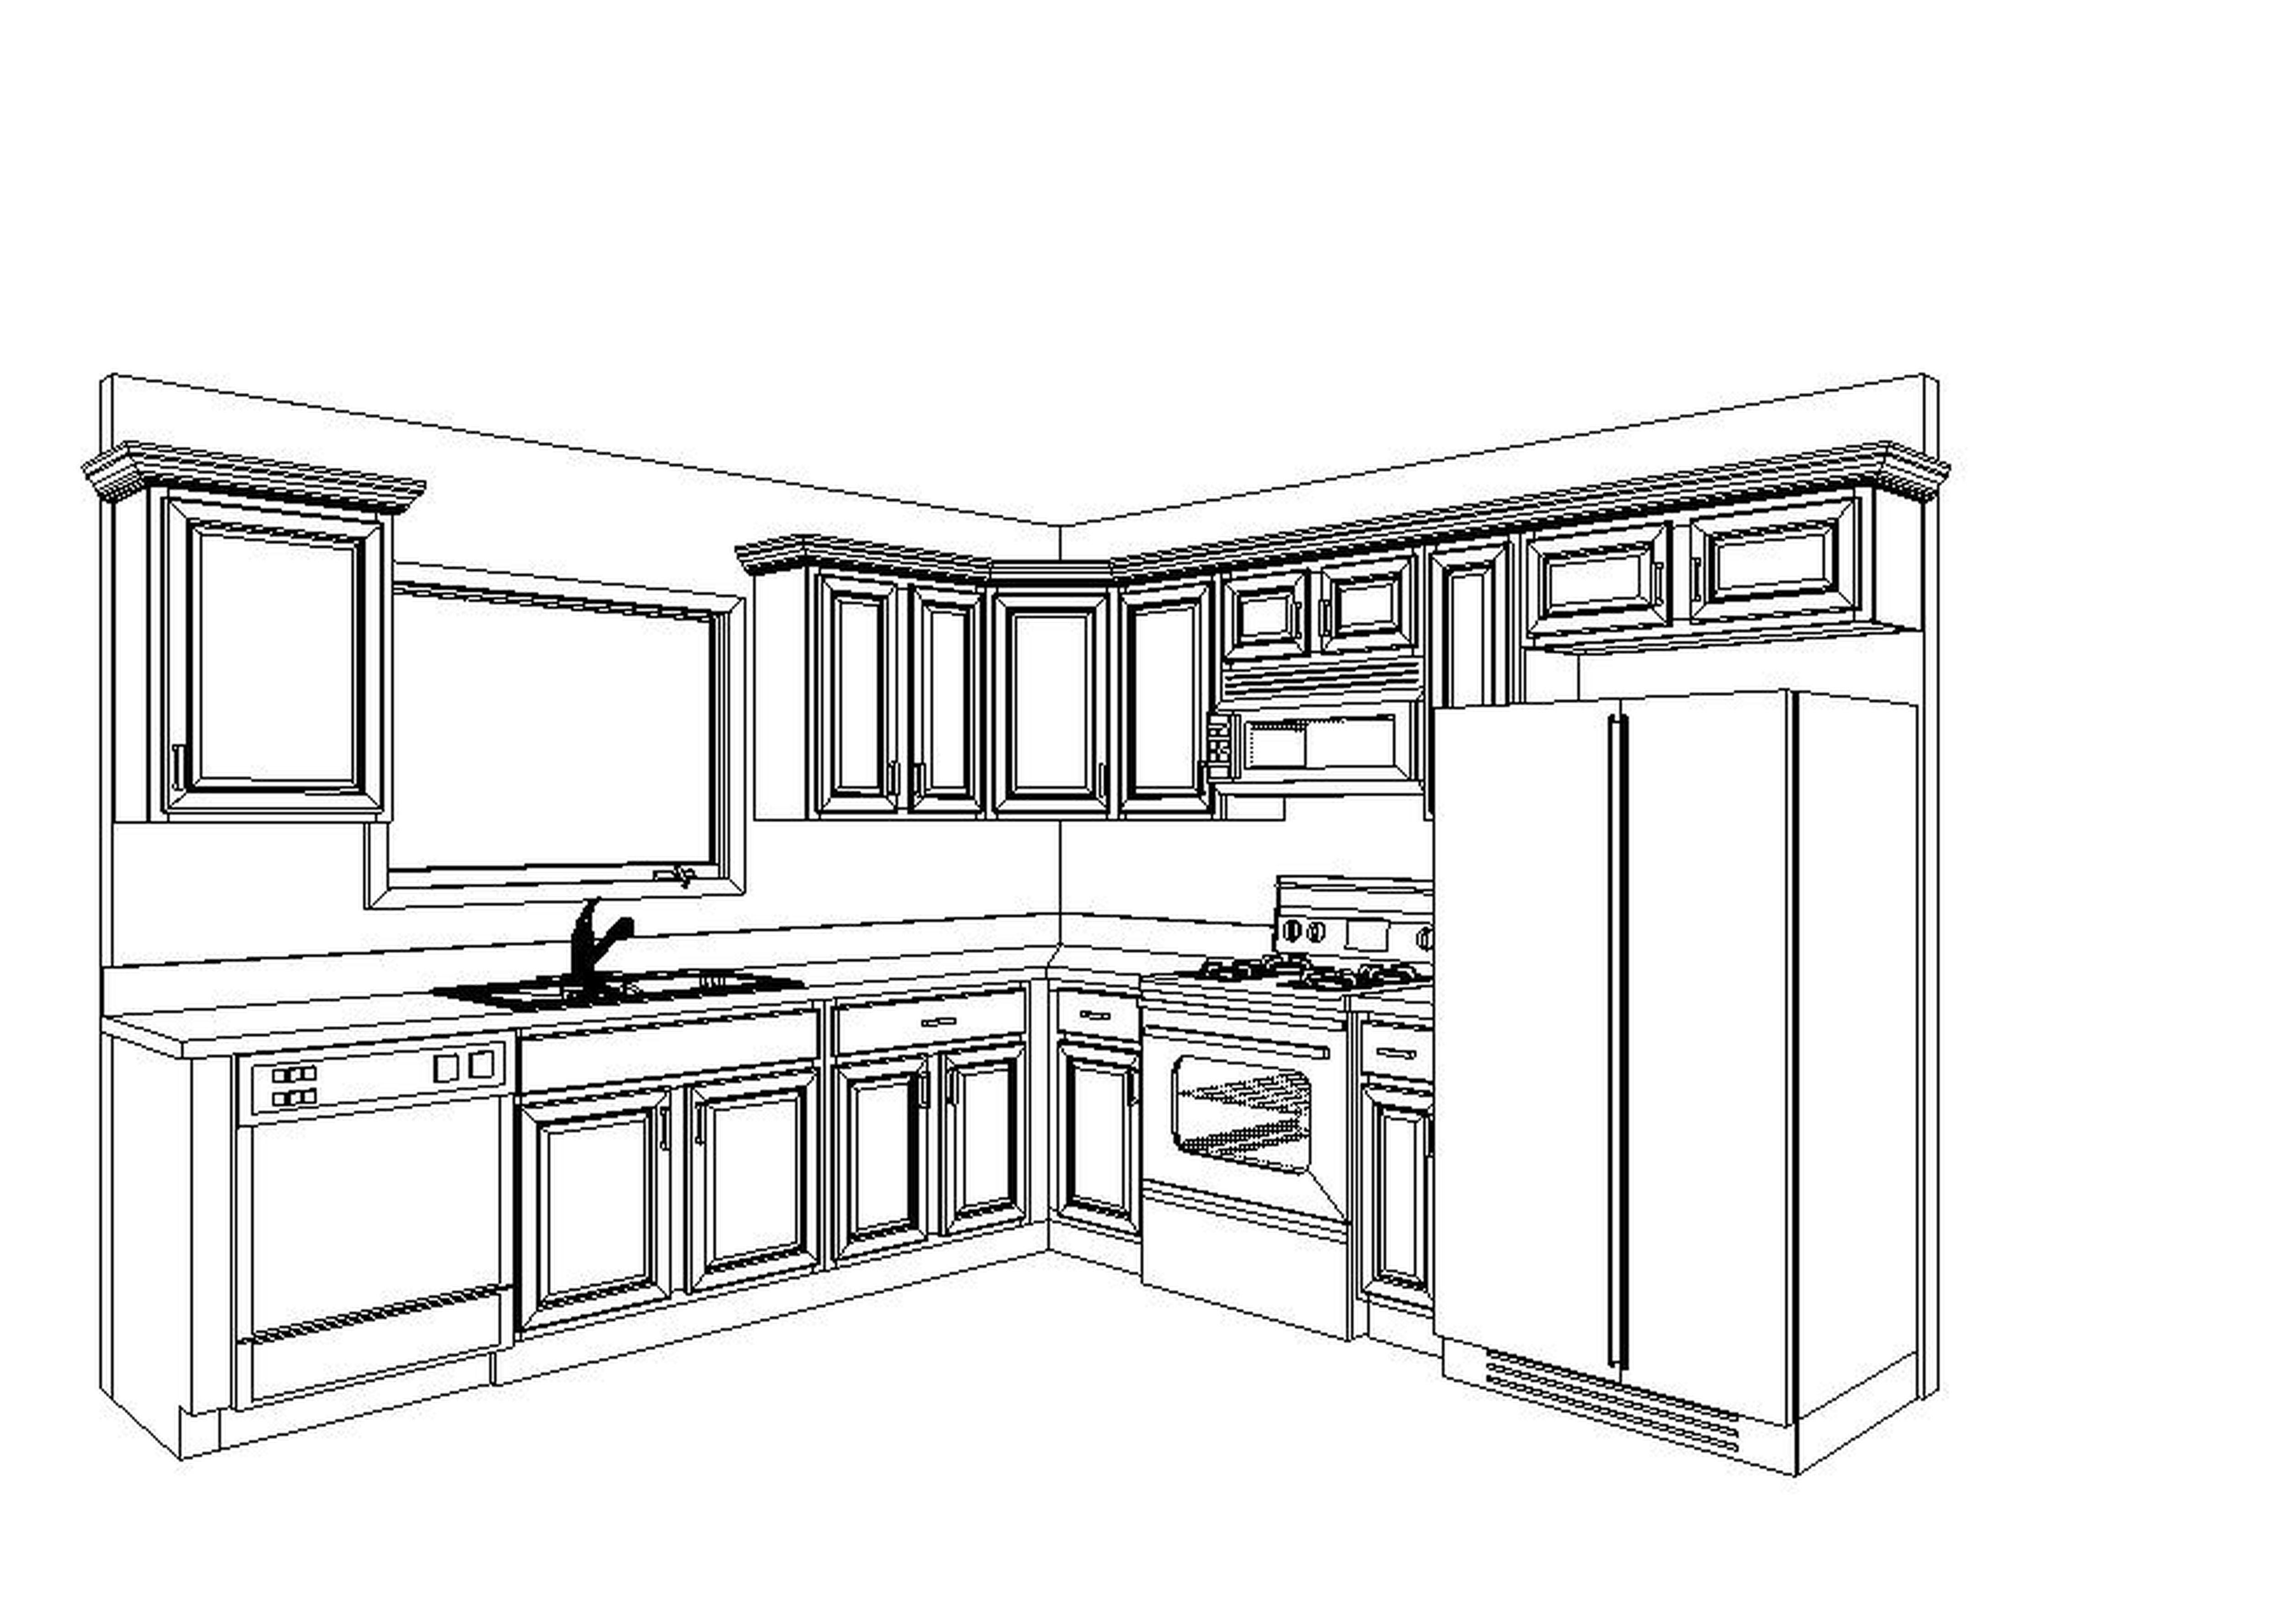 Home depot kitchen layout planner   Layout design, Küchendesign ...